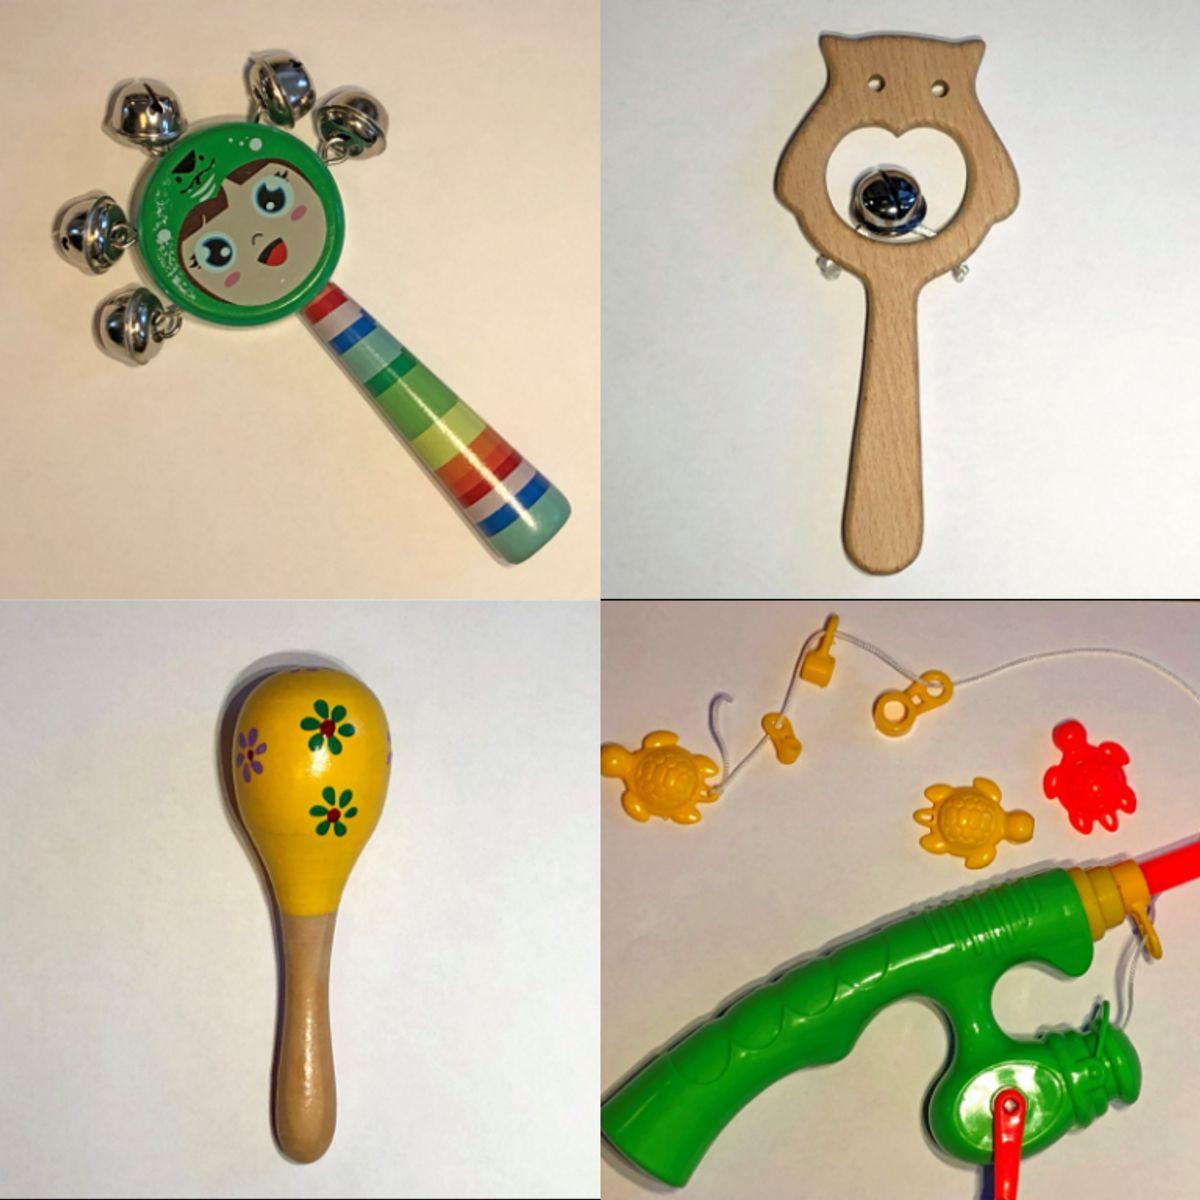 Sikkerhedsstyrelsen advarer mod forskellige former for legetøj. Blandt andet dette. KLIK for flere billeder. Foto: Sikkerhedsstyrelsen.